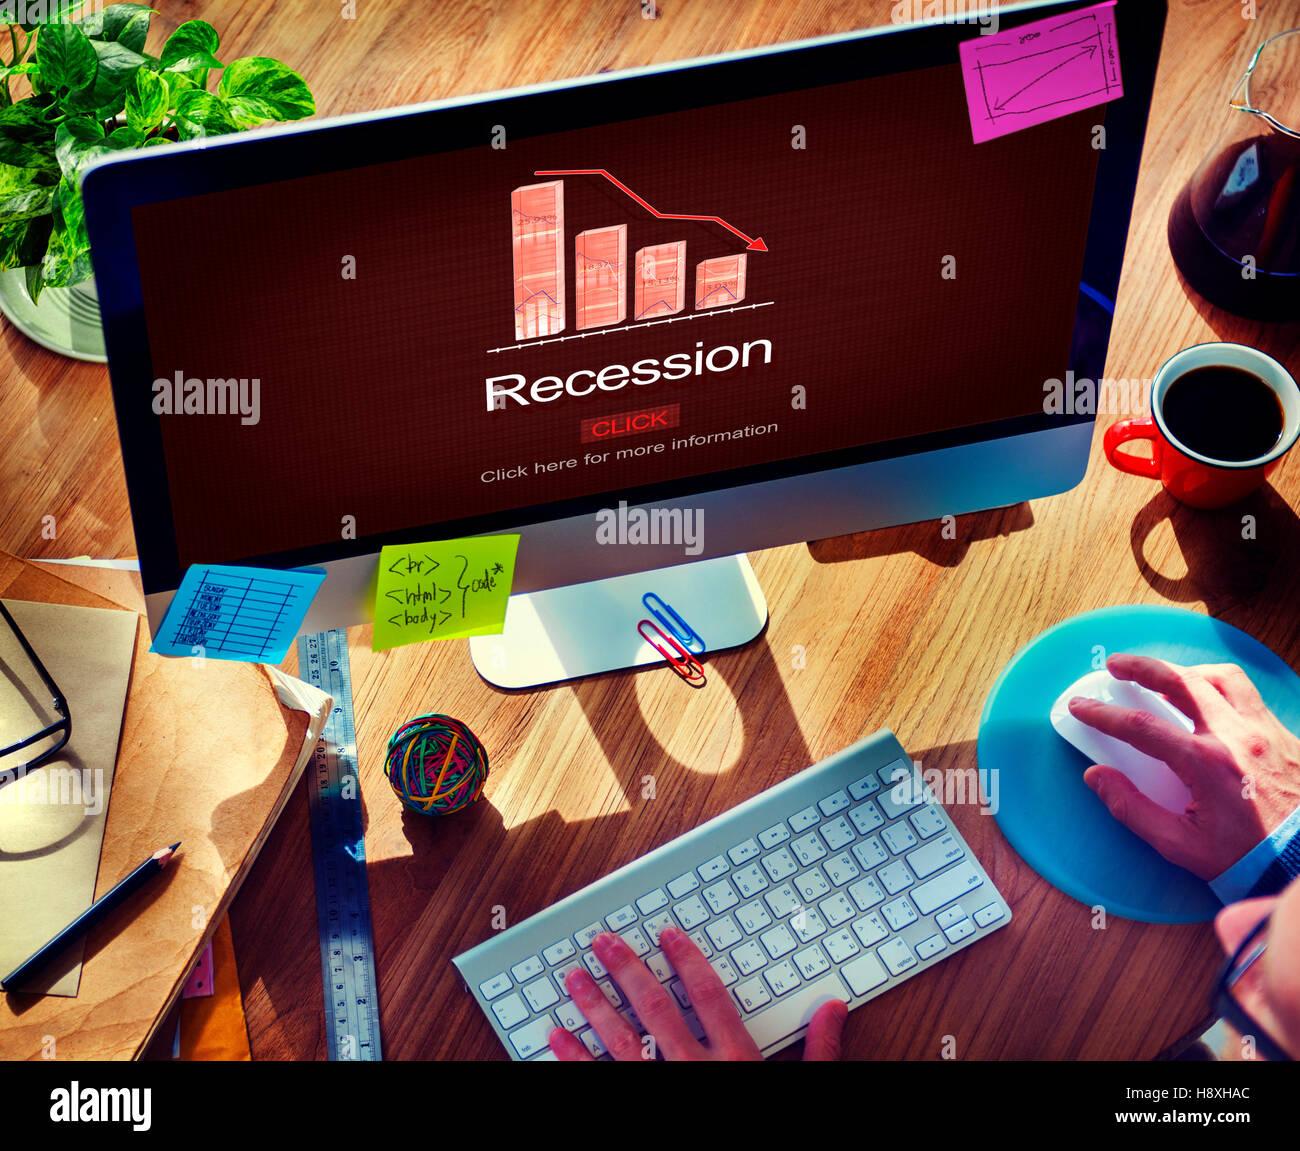 Crisi di recessione inflazione risparmi in fallimento del concetto di commercio Immagini Stock